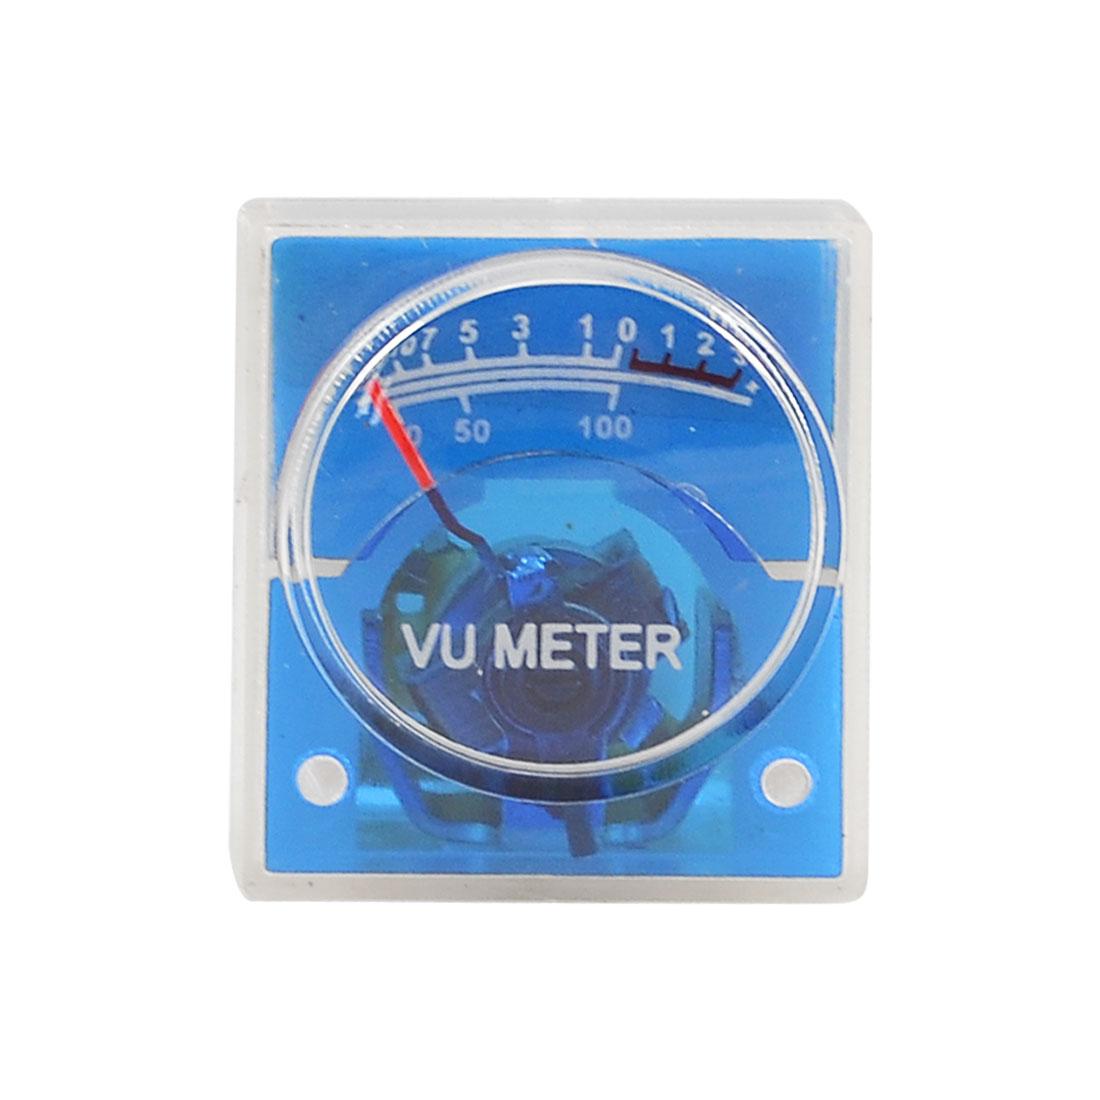 25mm x 28mm No Lamp Blue Mini DVD VU Meter 500uA 700 Ohm